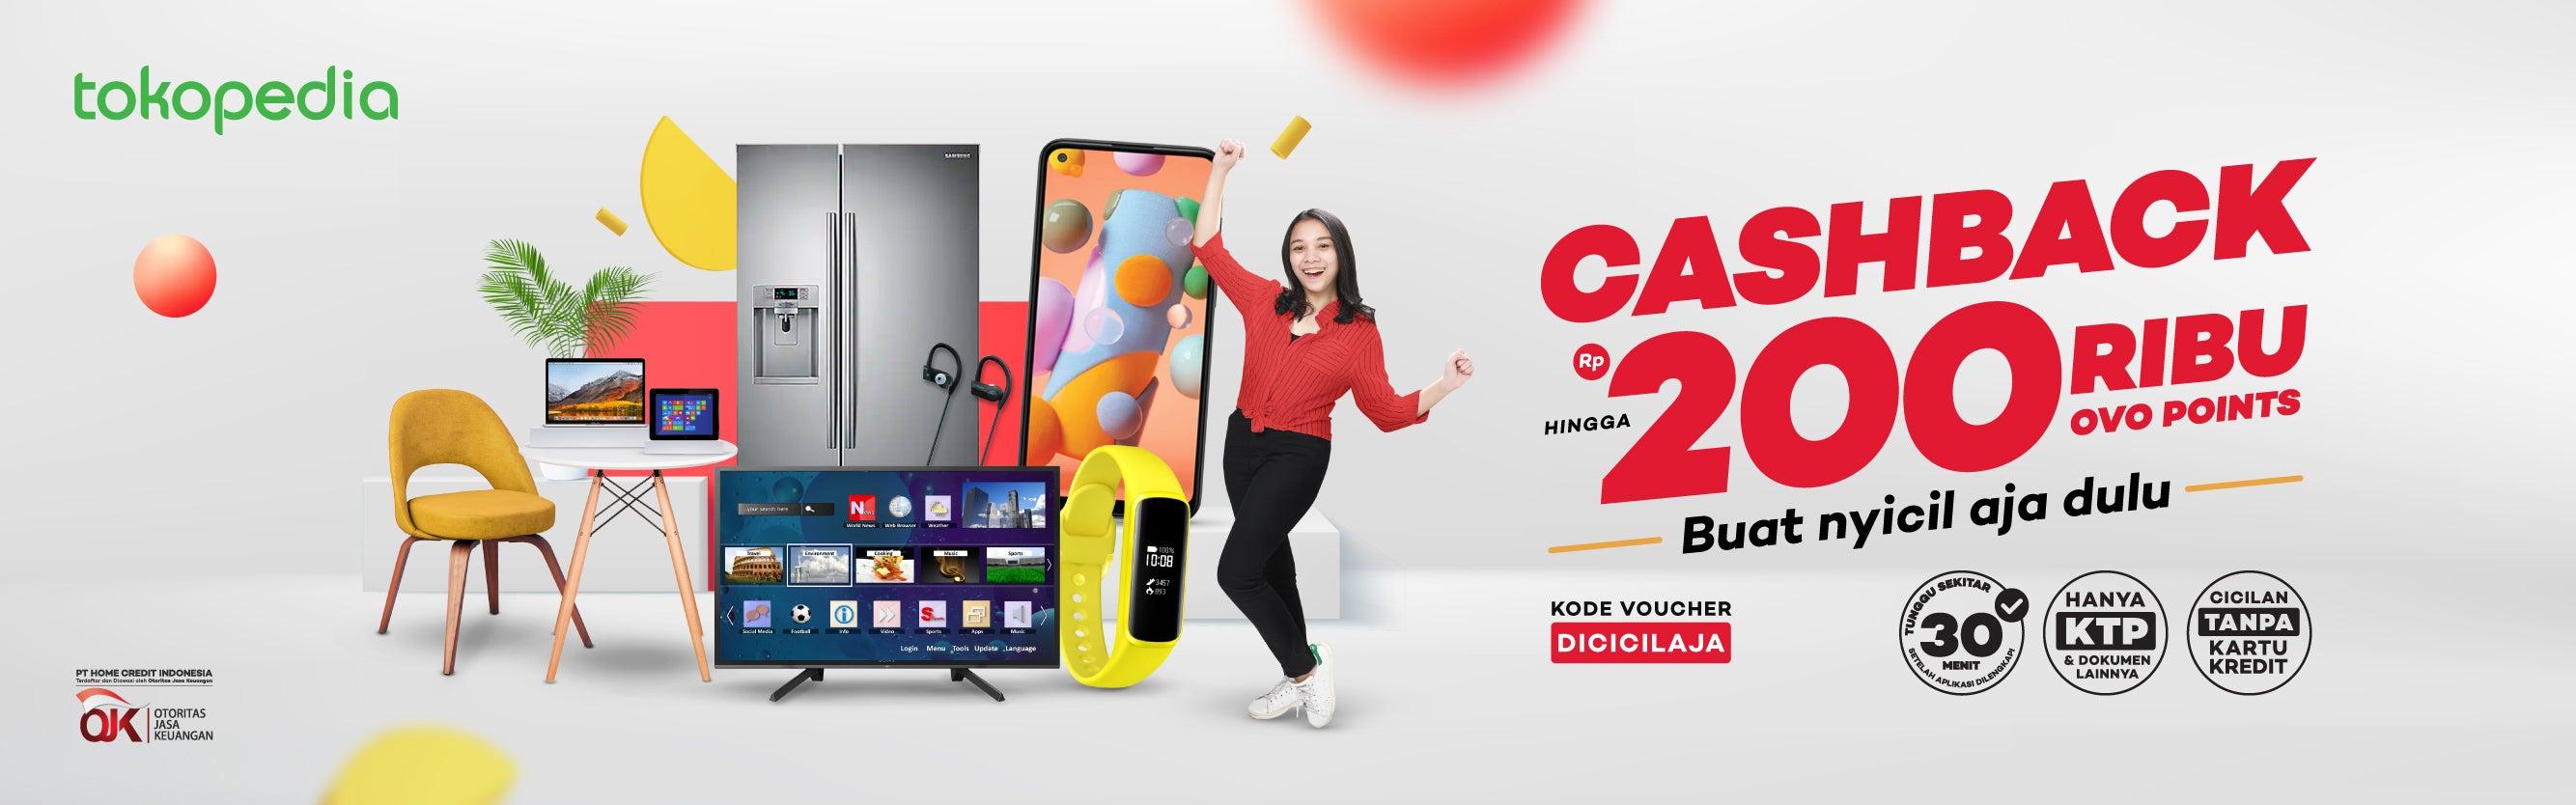 Cashback 2% hingga Rp200.000 di Tokopedia